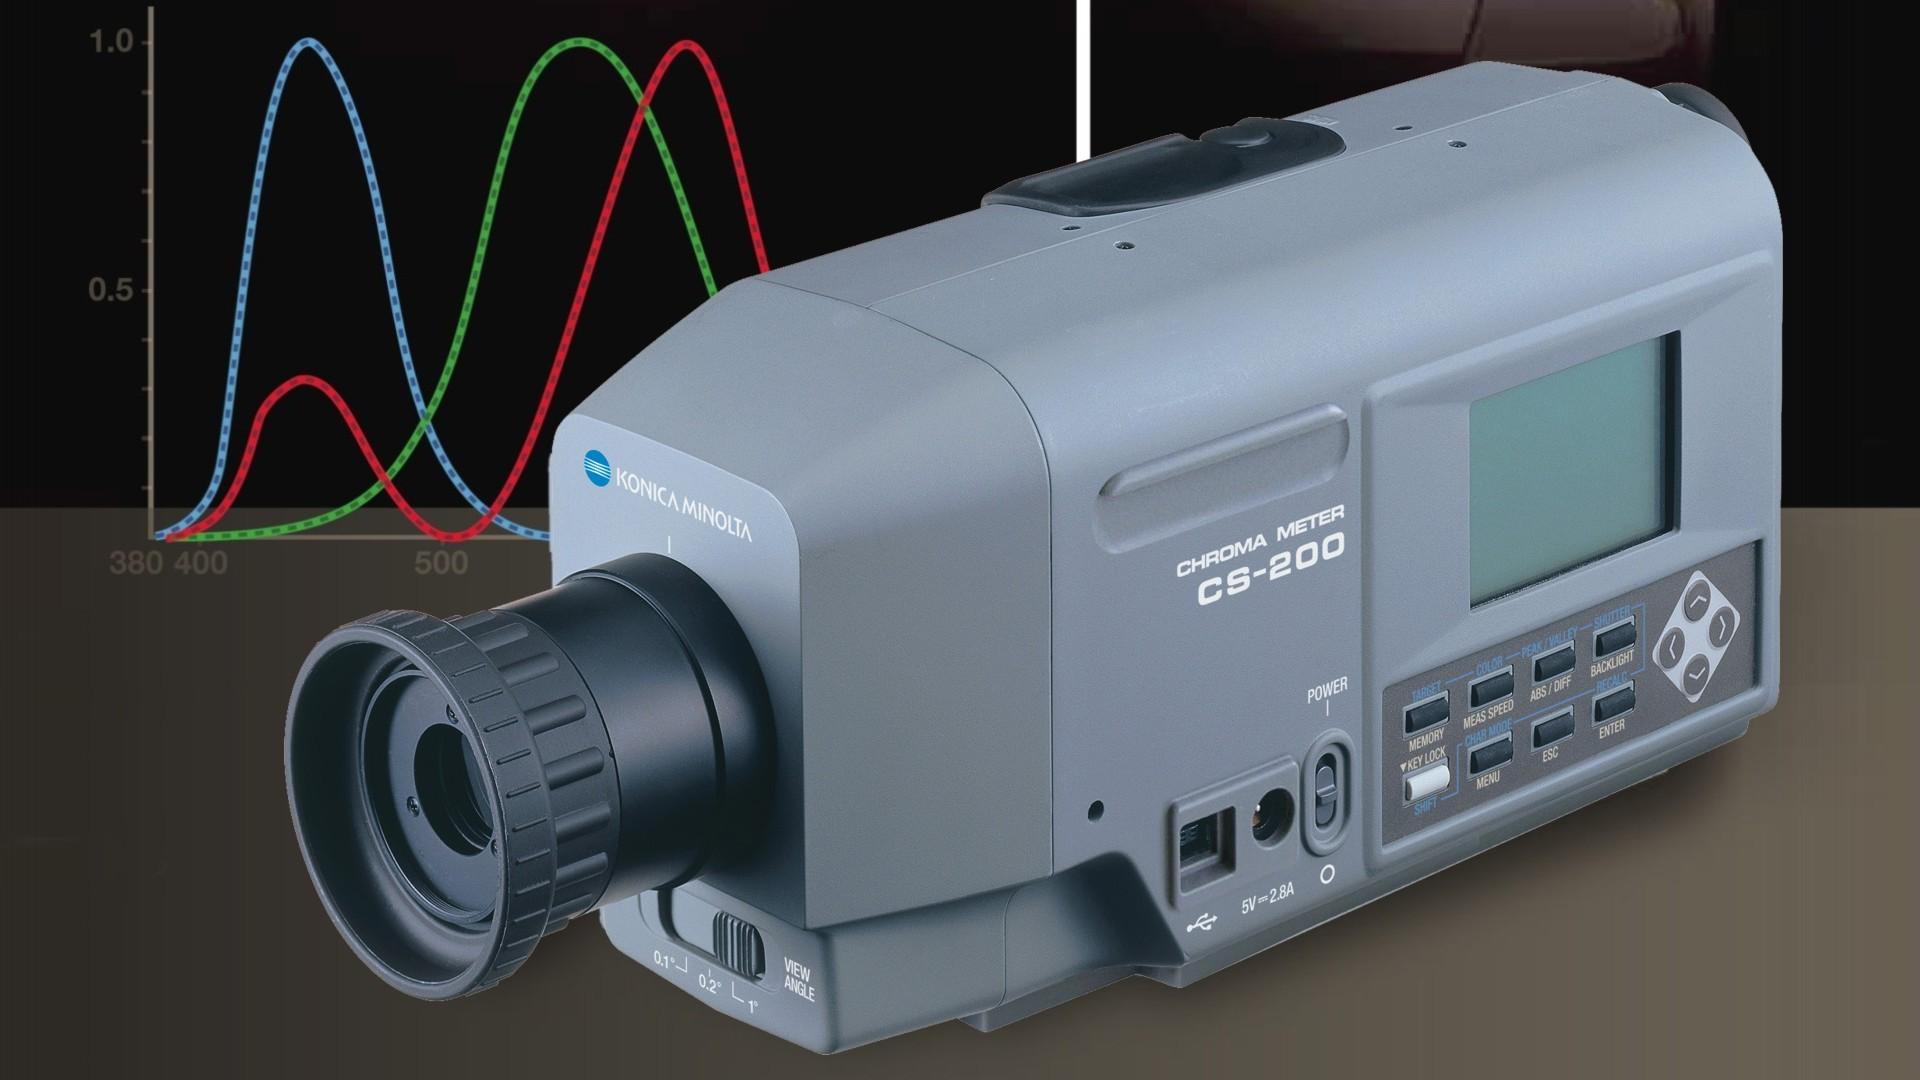 Minolta Cs-100 Luminance Meter Minolta Cs-200 / Ls-100